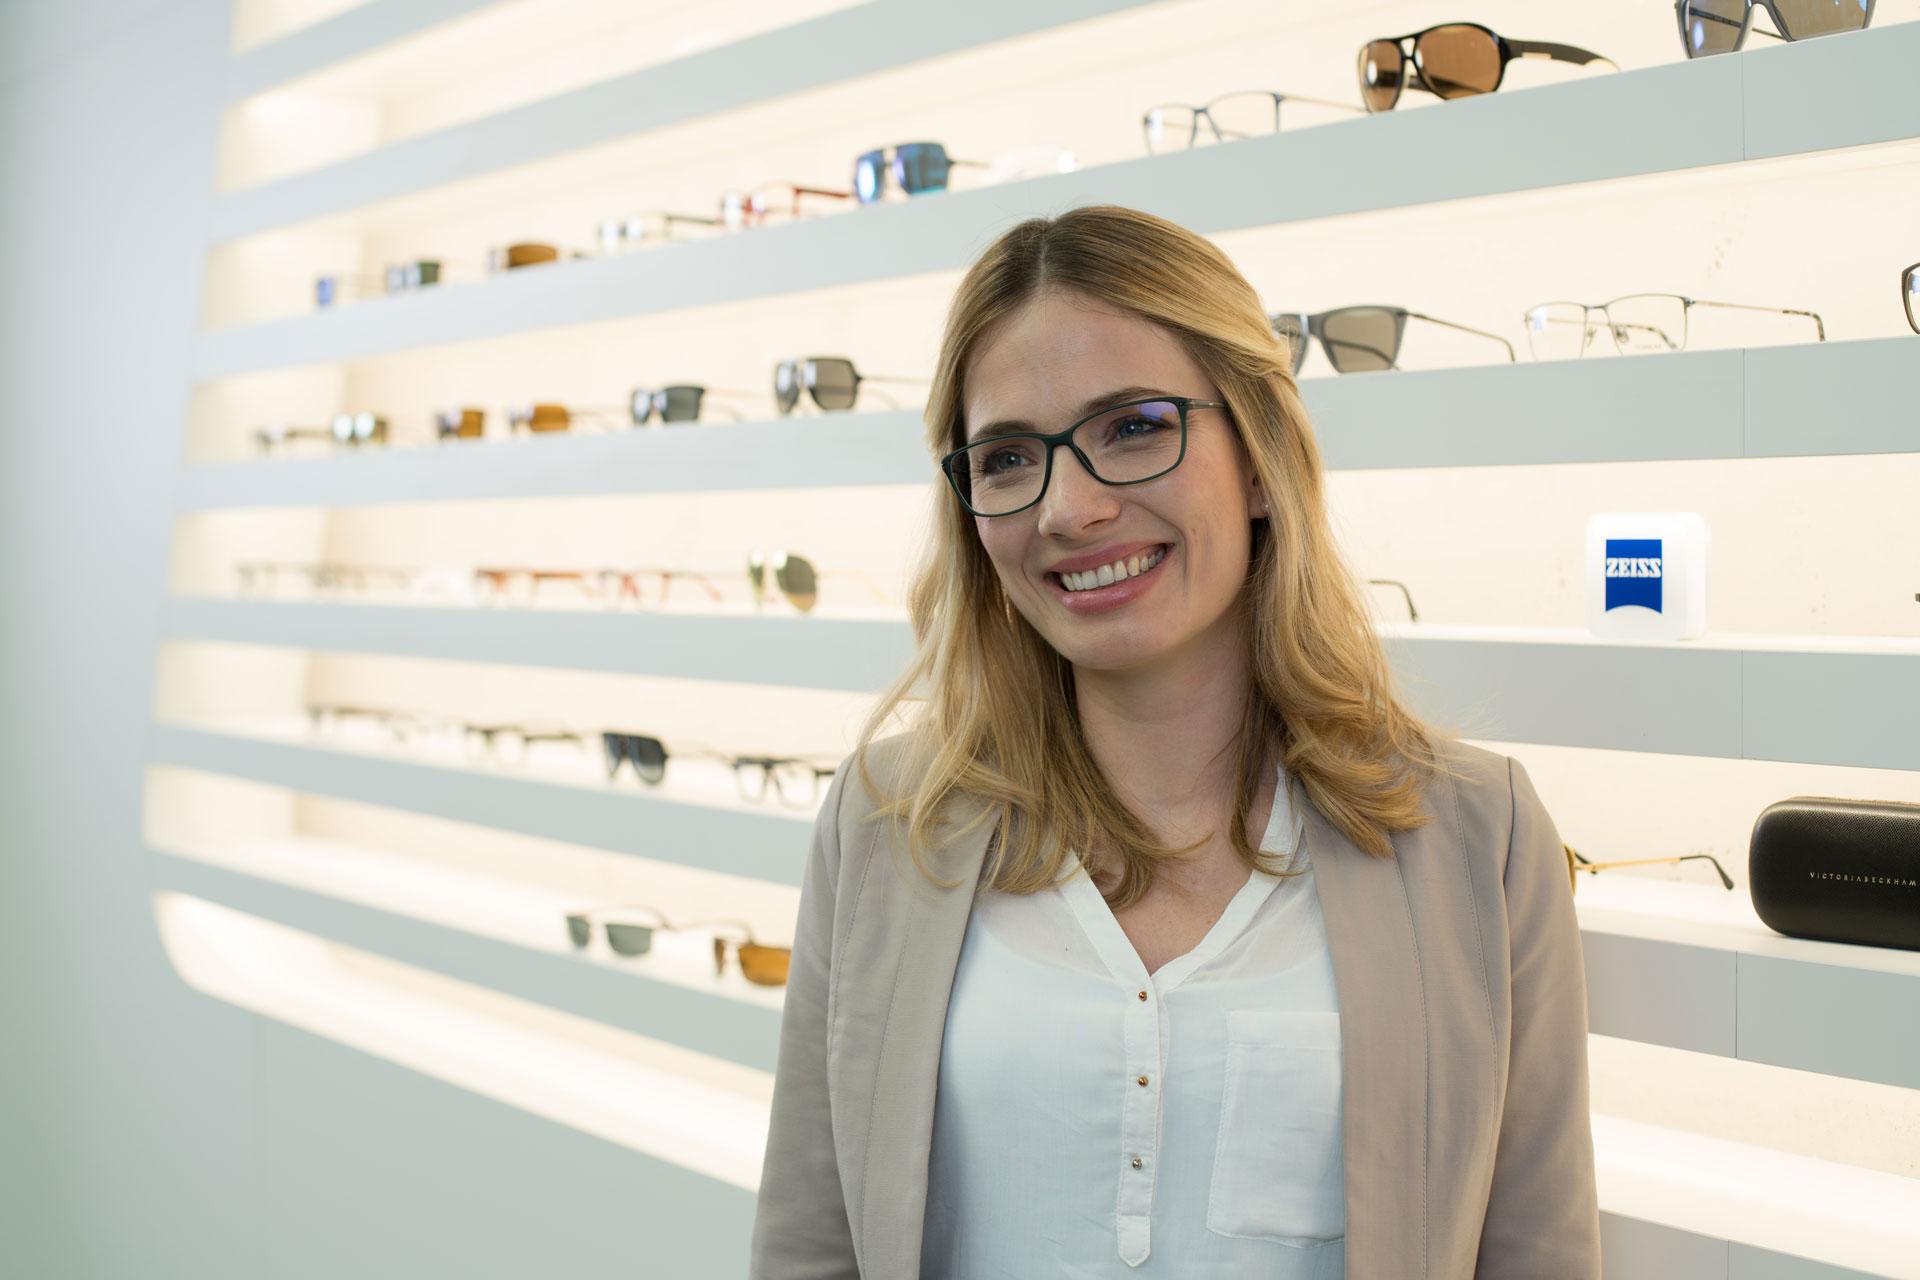 26f2328bd5 Consejos para comprar gafas: cómo elegir las más adecuadas